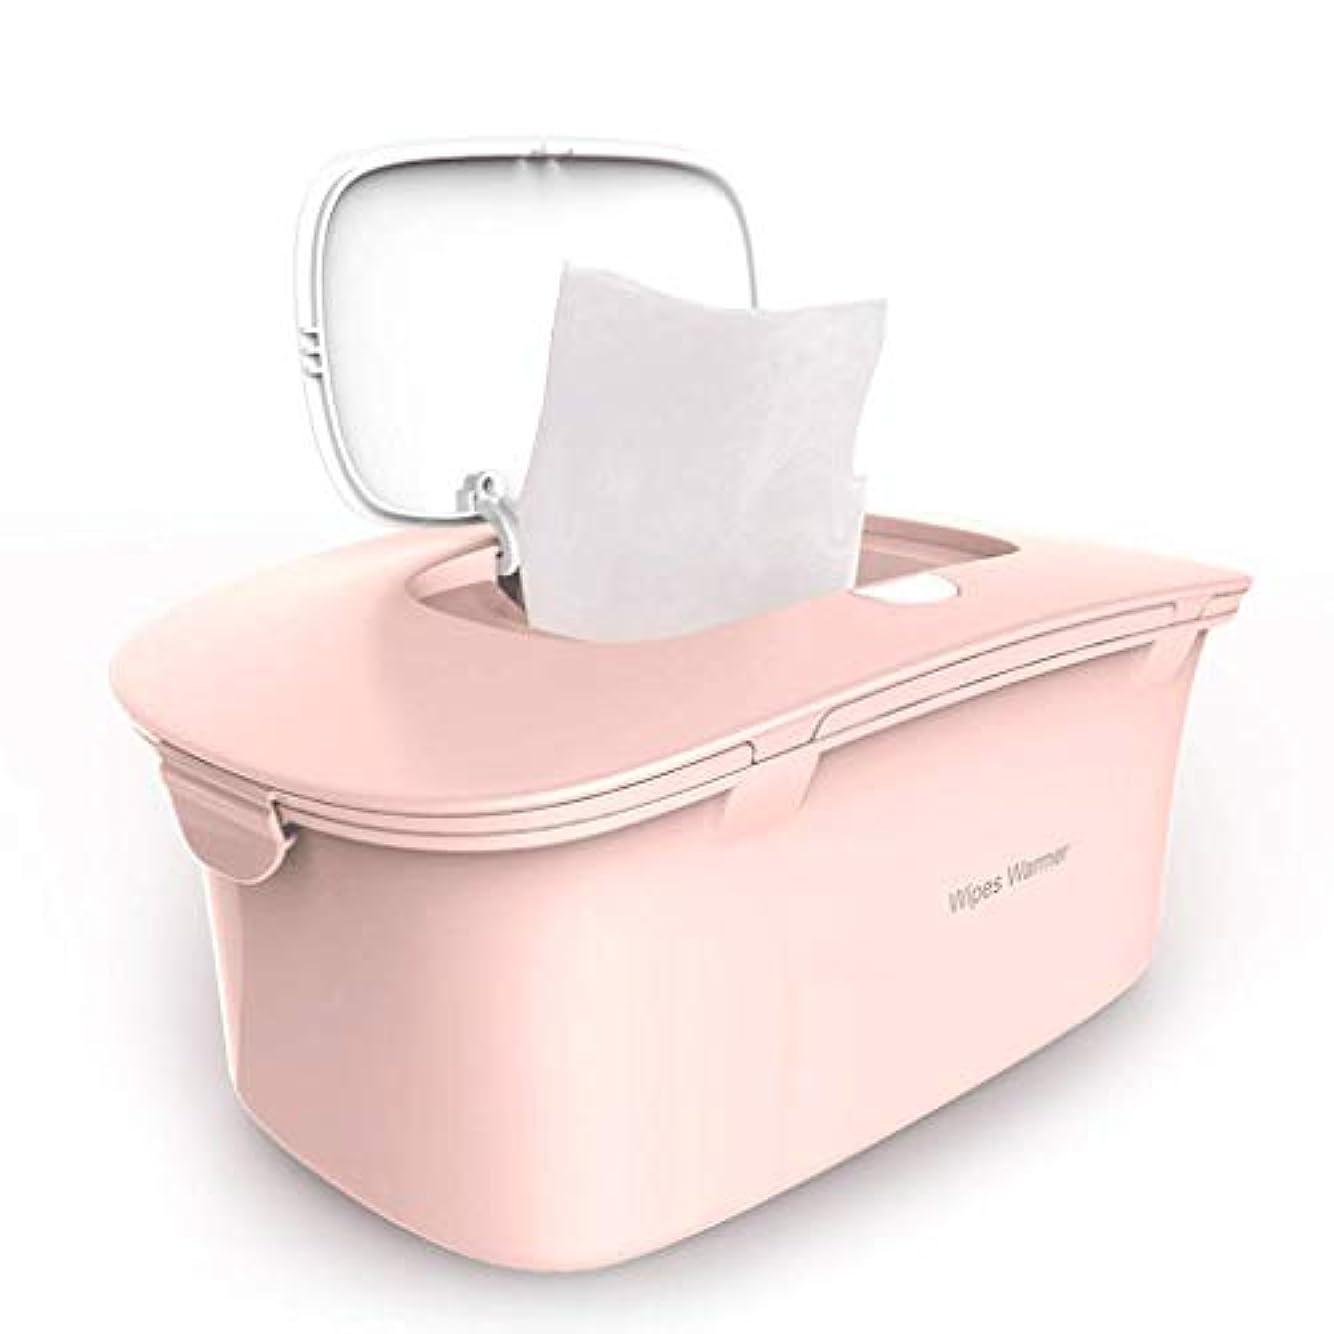 赤ん坊のワイプヒーター/ワイプ箱のティッシュ箱の消毒、保湿の健康の便利冬の冷たいワイプについて心配する必要はありません,Pink